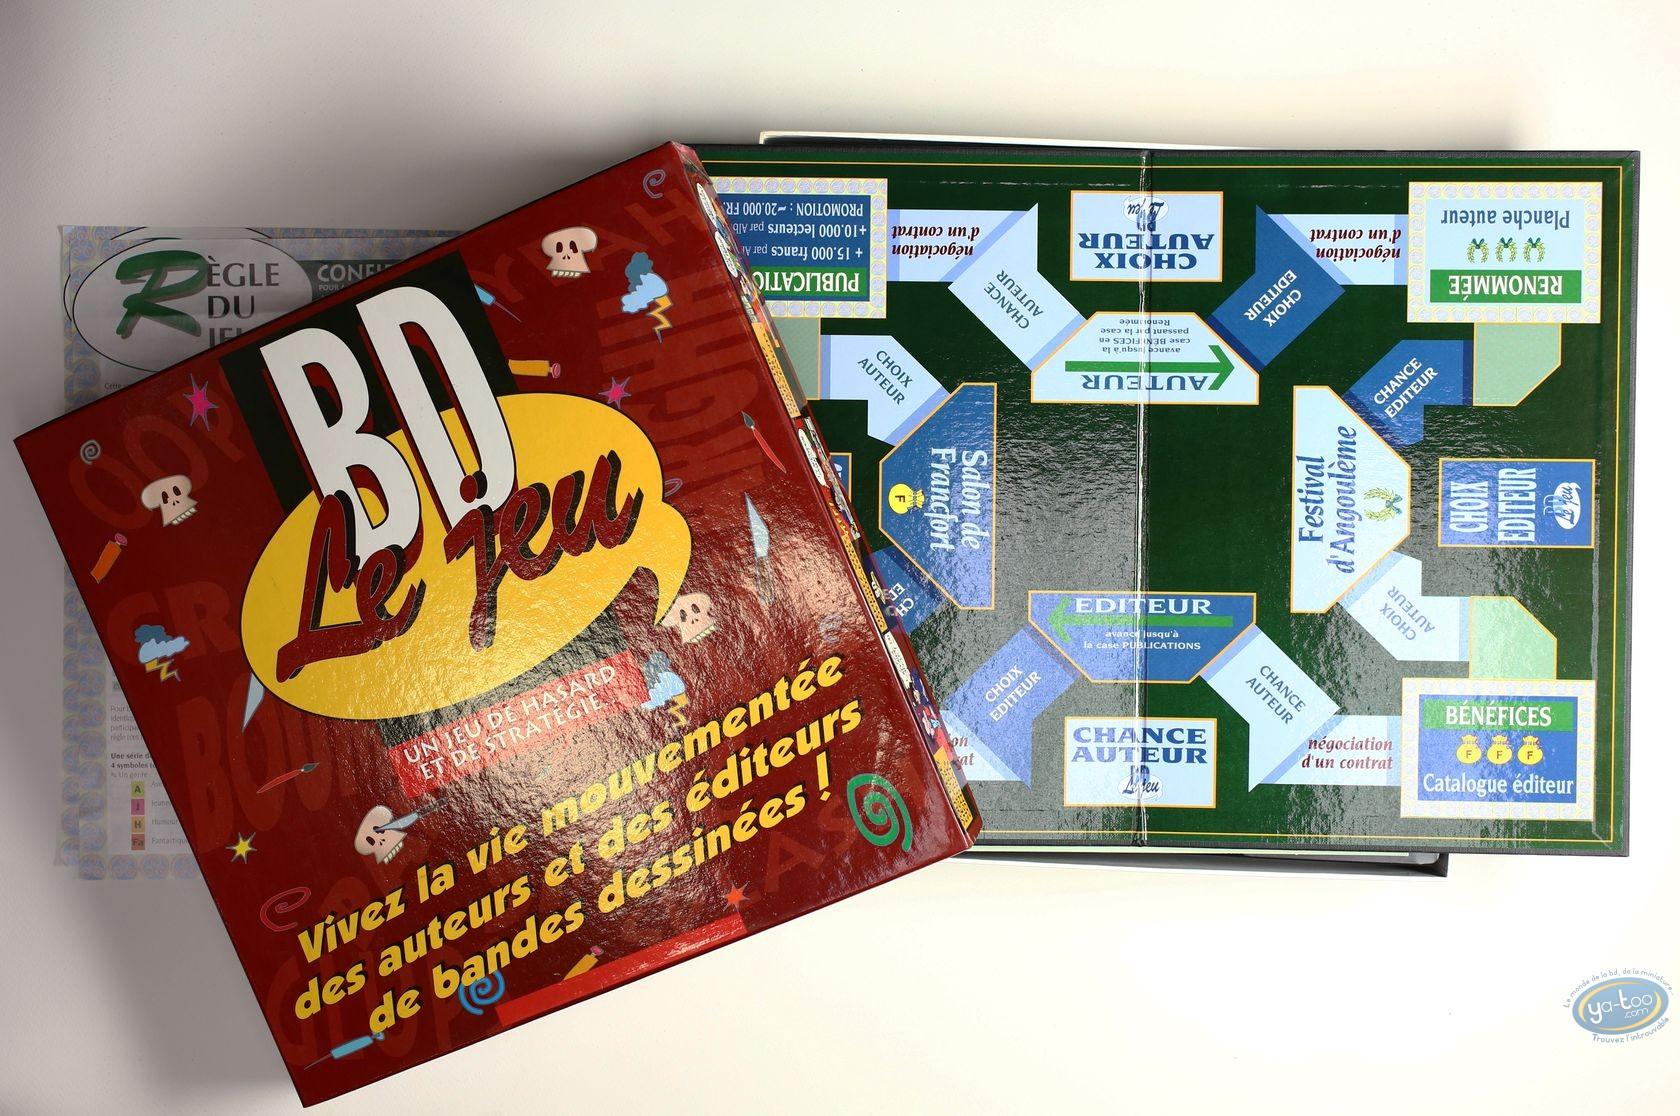 Board Game, BD, le jeu ! Un jeu de hasard et de stratégie...